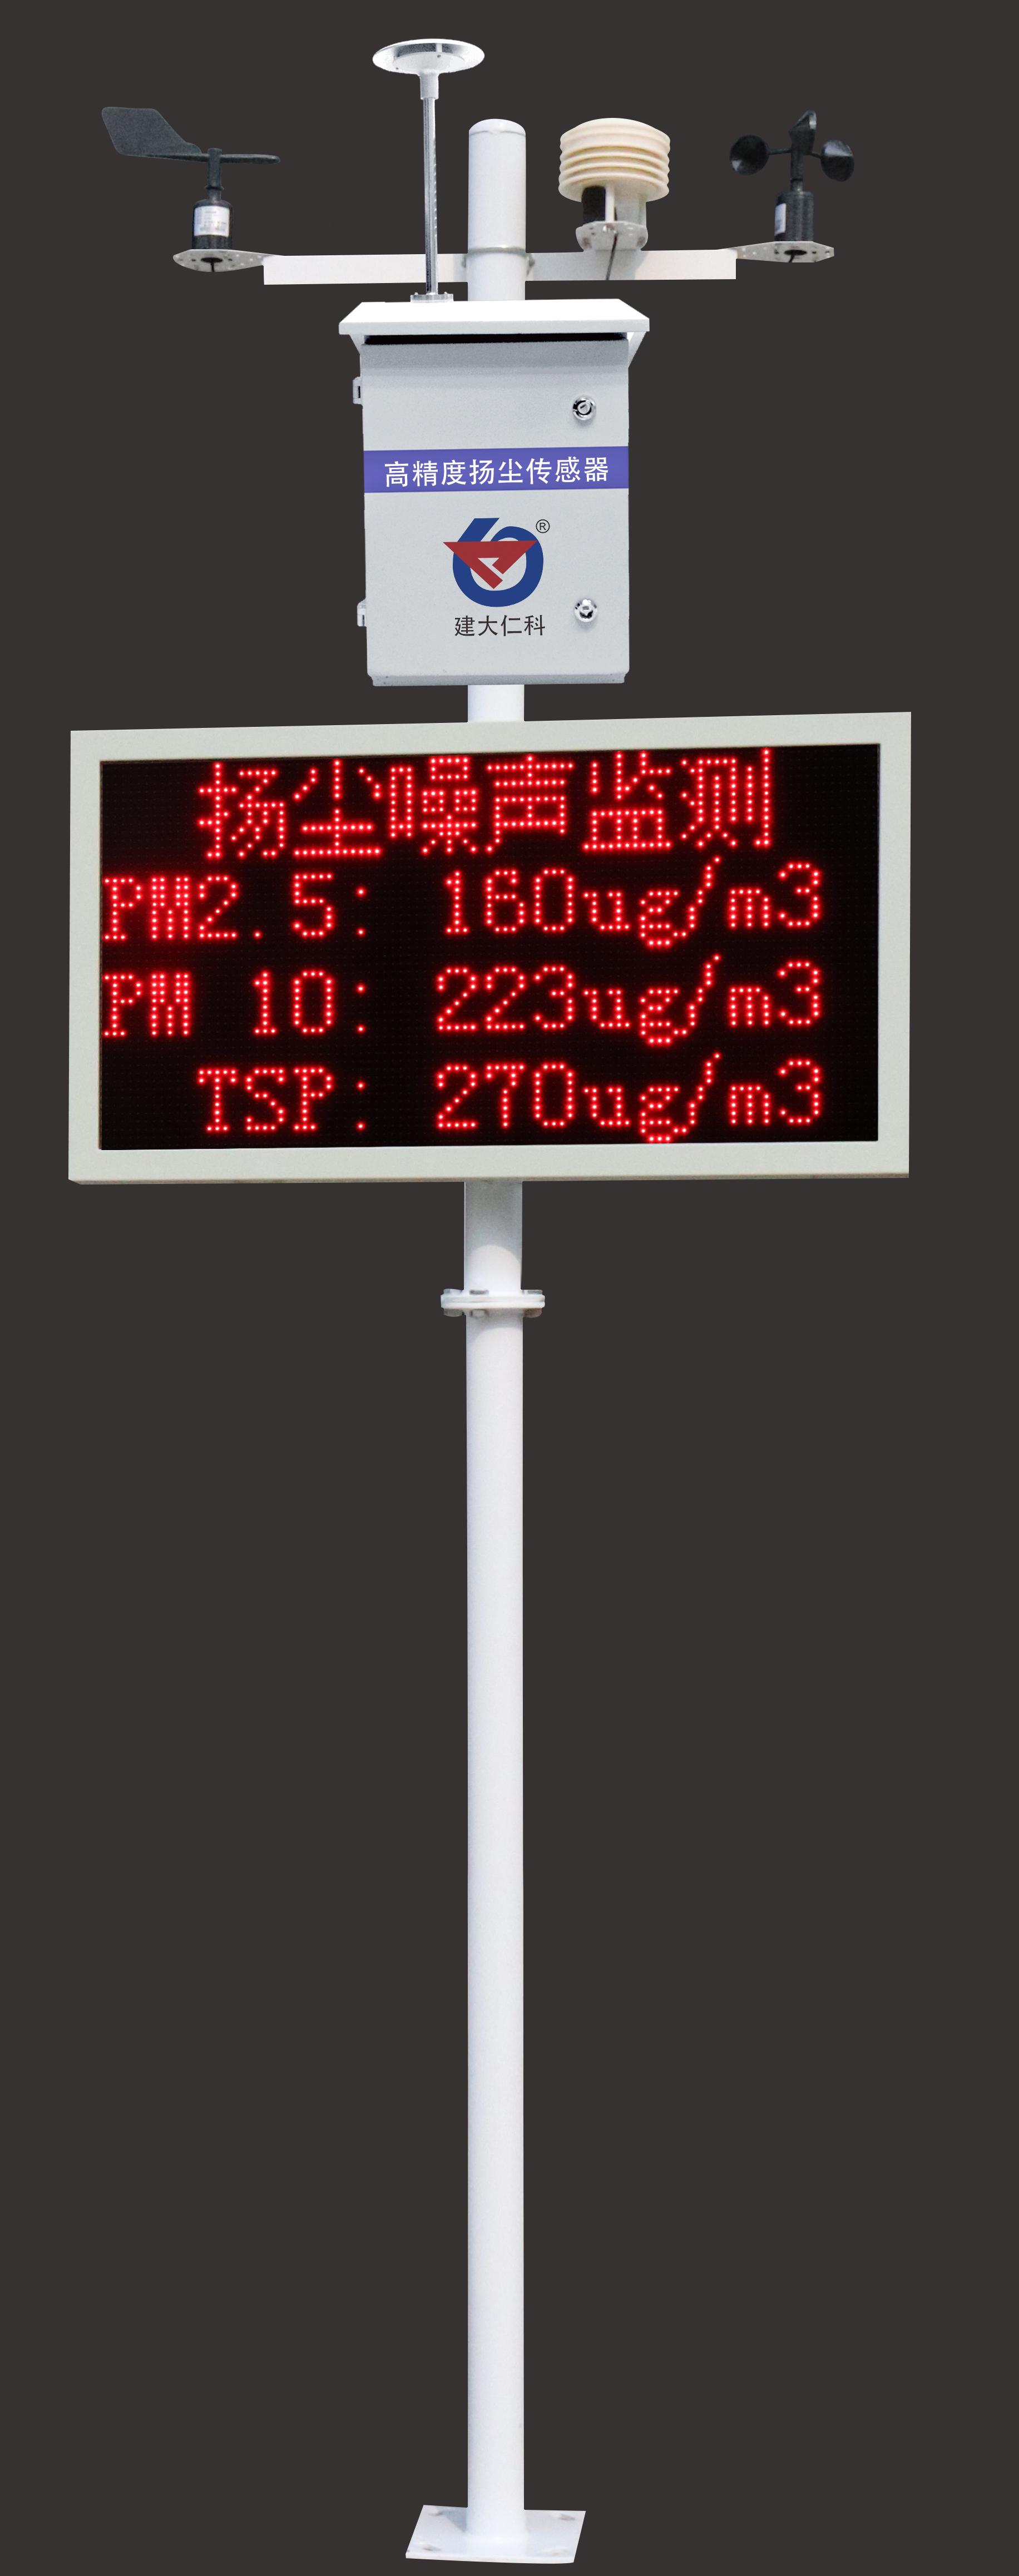 粉尘传感器在工地扬尘在线监测系统的实际应用